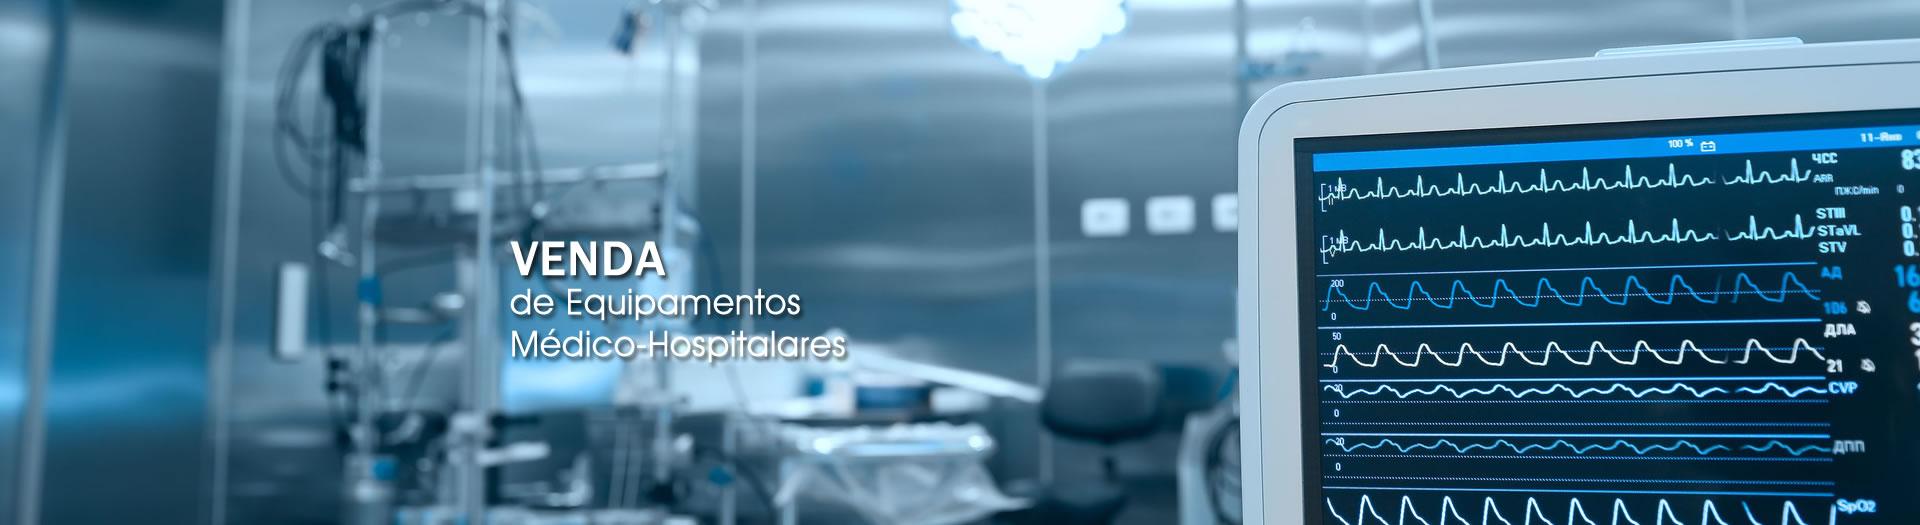 Equipamentos e instrumentos médicos hospitalares